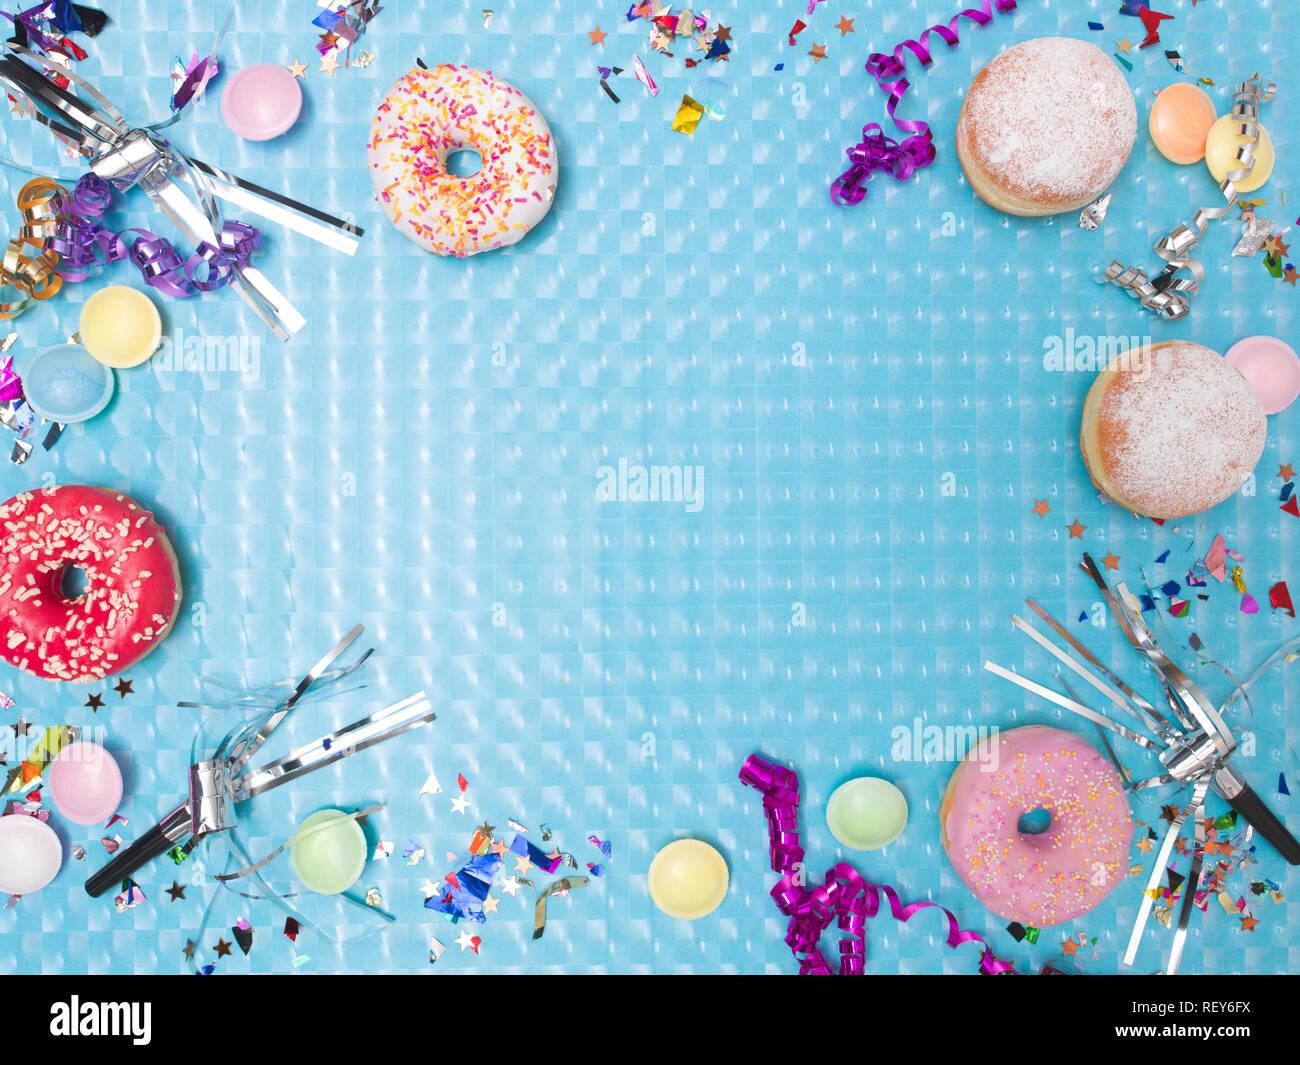 Karneval Donut Stockfotos Karneval Donut Bilder Alamy